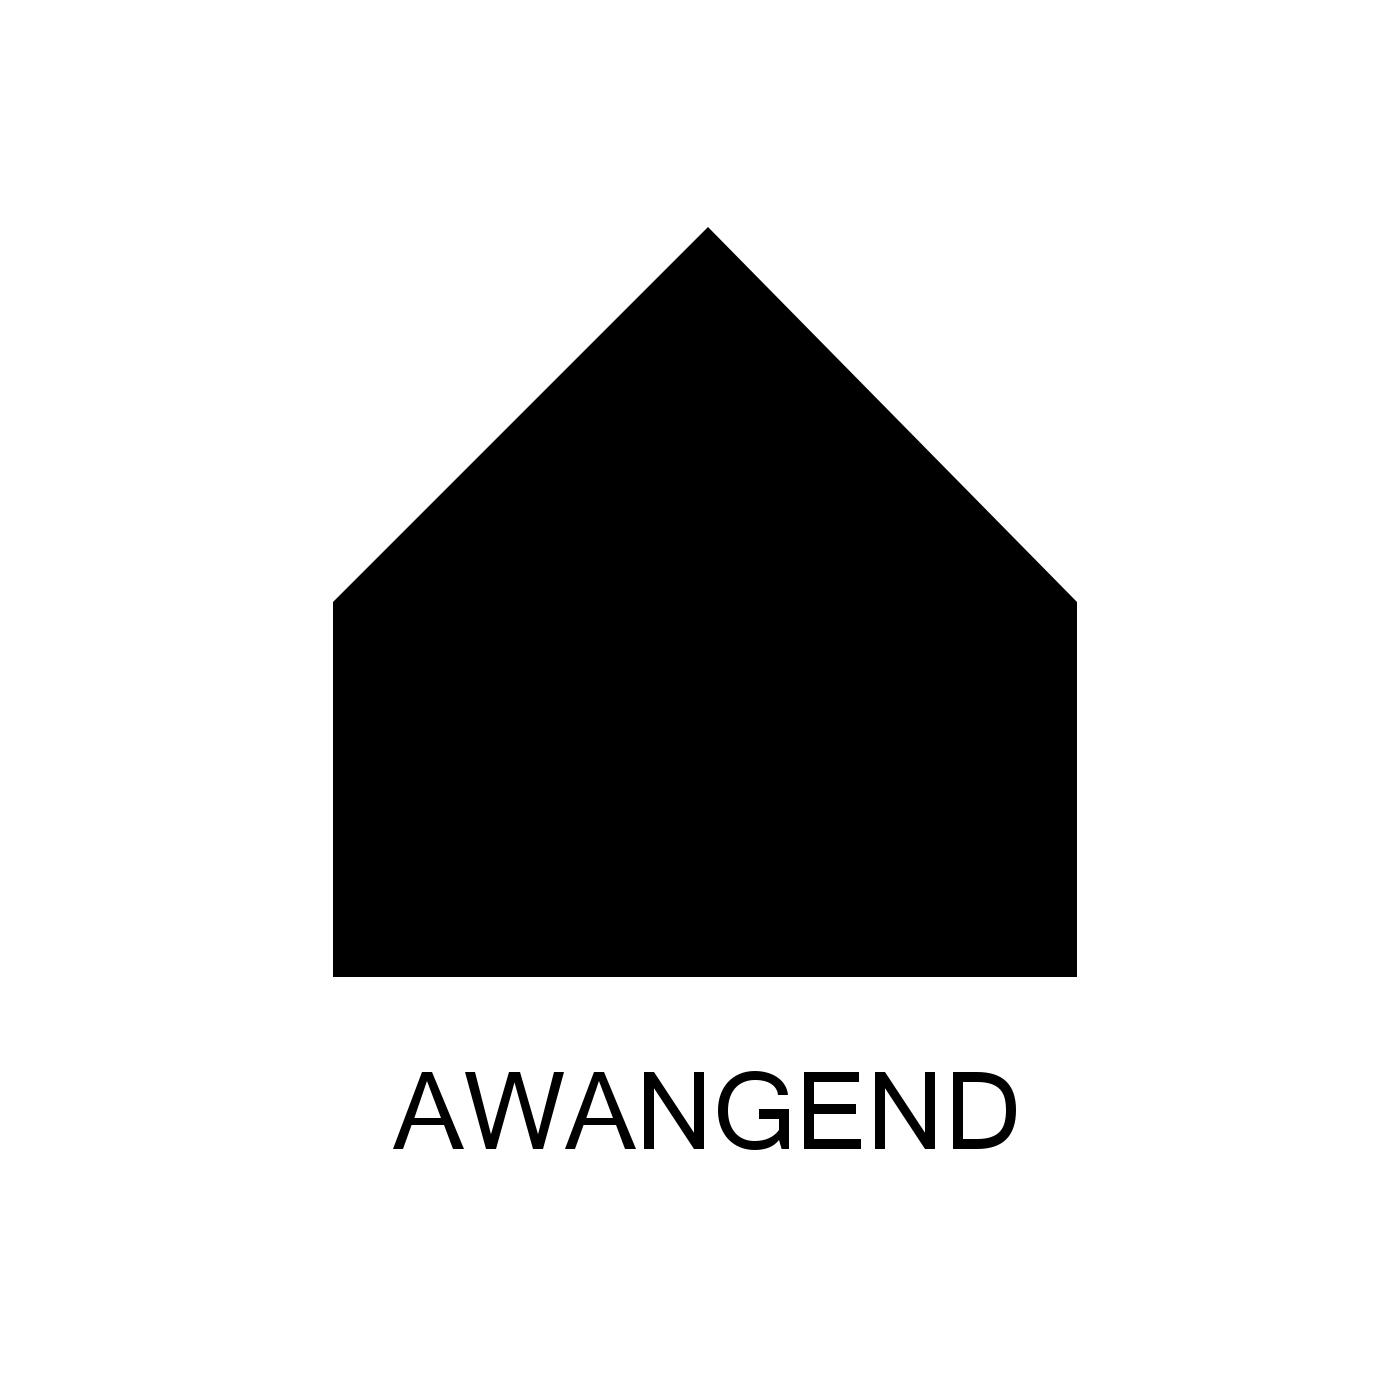 AWANGEND